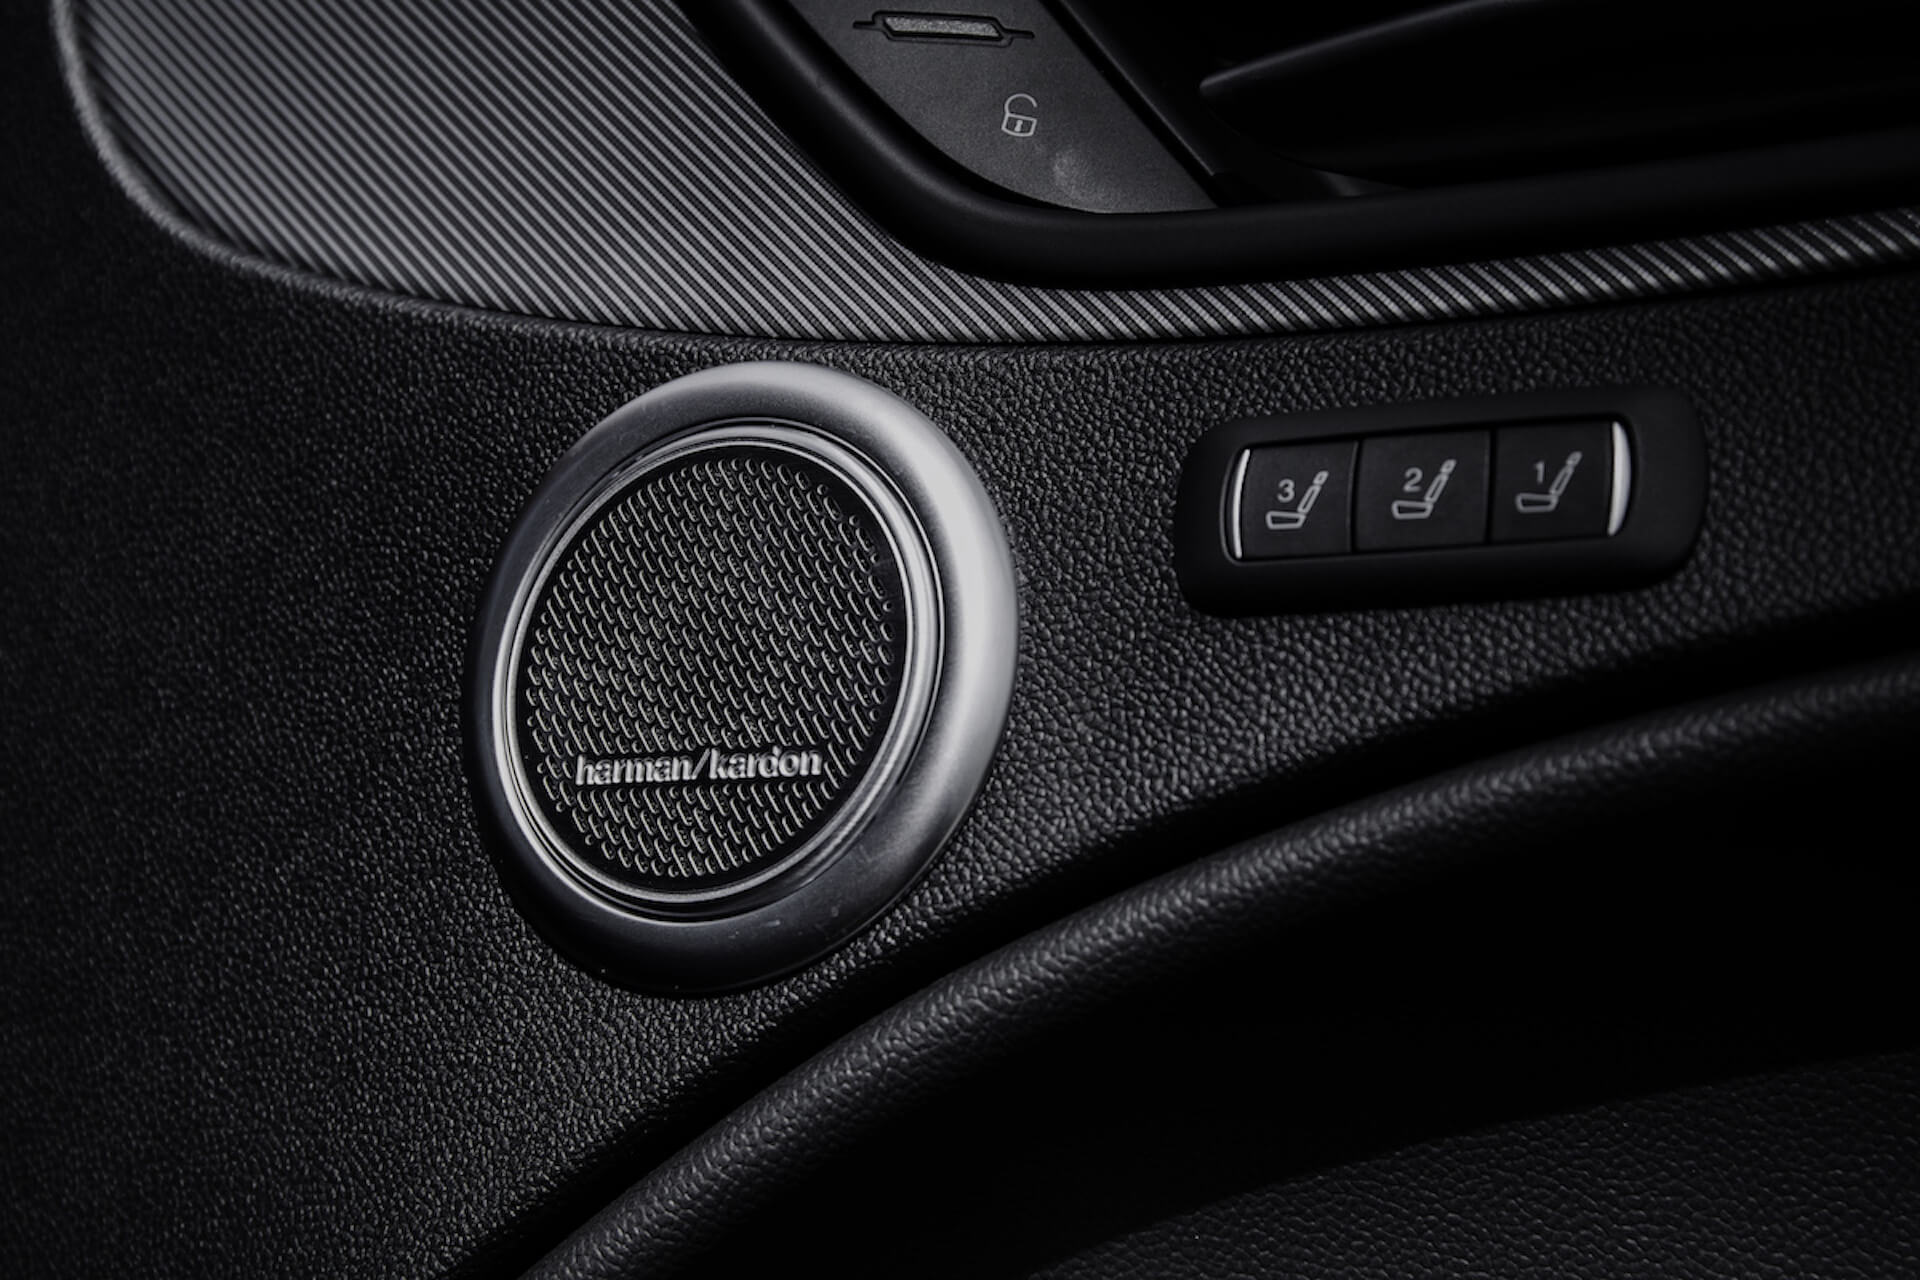 アルファ ロメオなど高級車にも採用。ハーマンカードンのオーディオの歴史と魅力 tech201118_mondoalfa_harmankardon_10